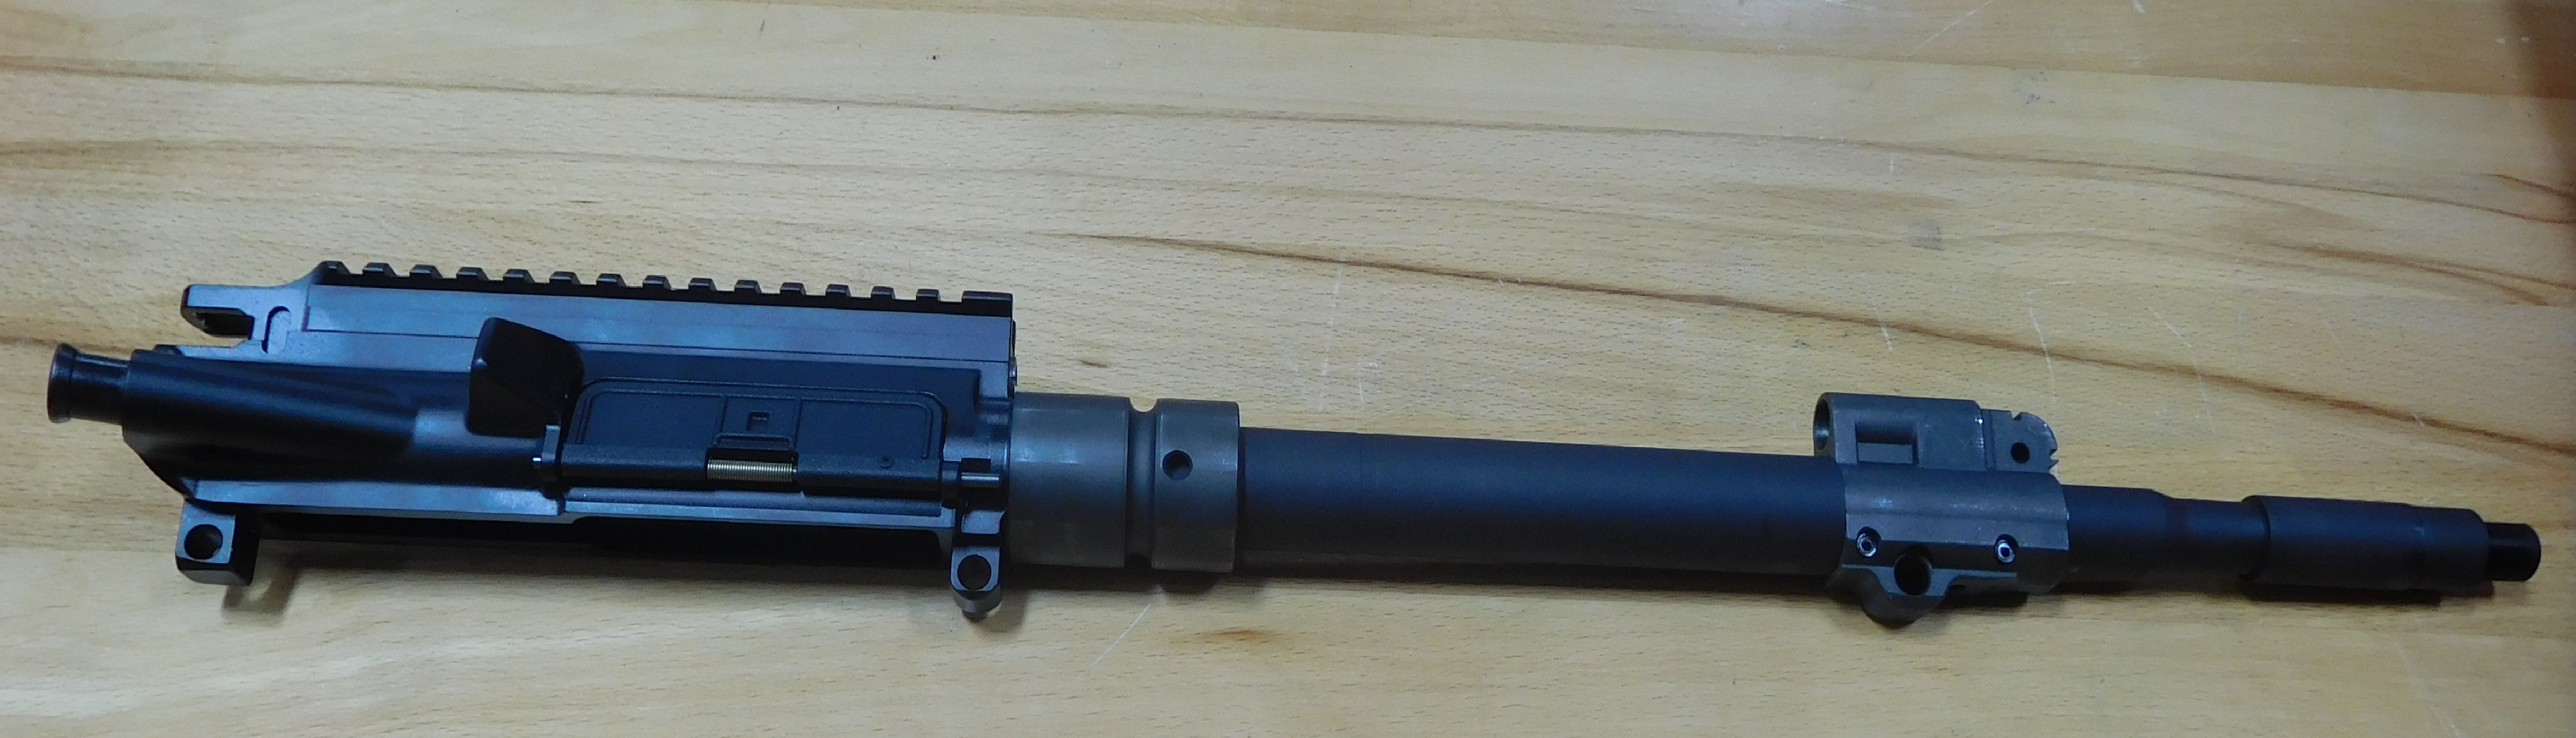 Nefarious Gunsmithing-dscn8756.jpg